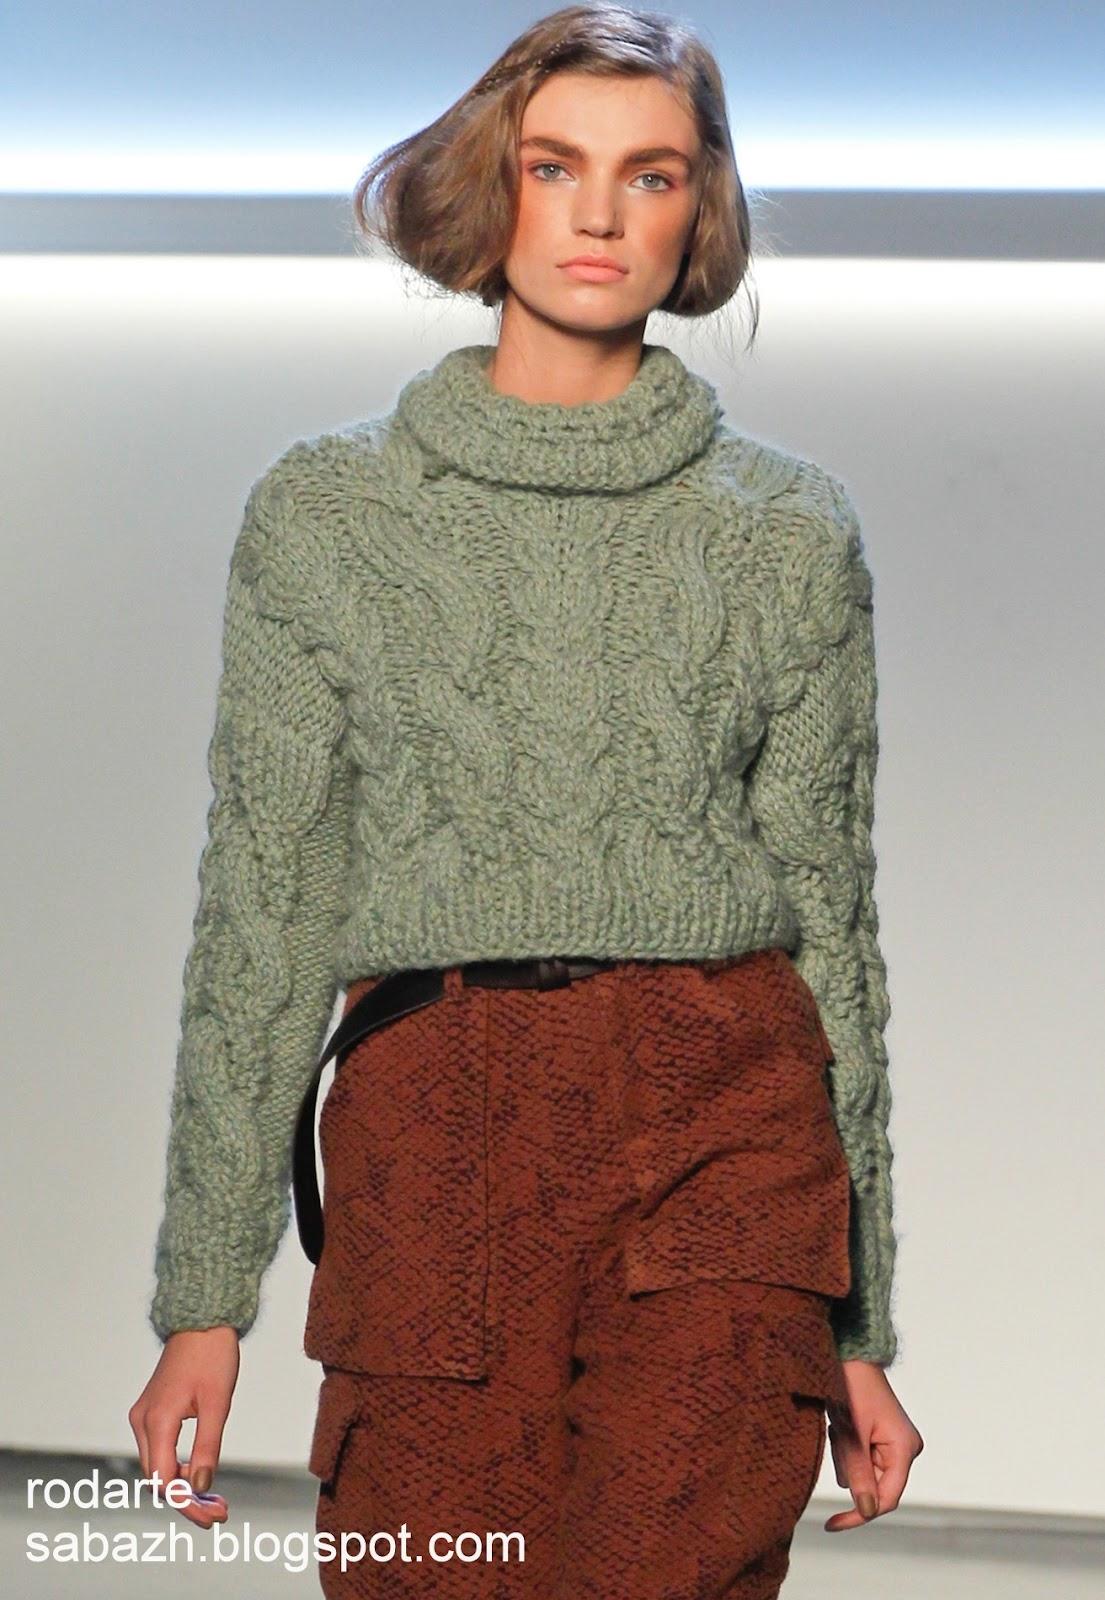 Вязанная мода 2012 2013 вязаная мода 2012 2013